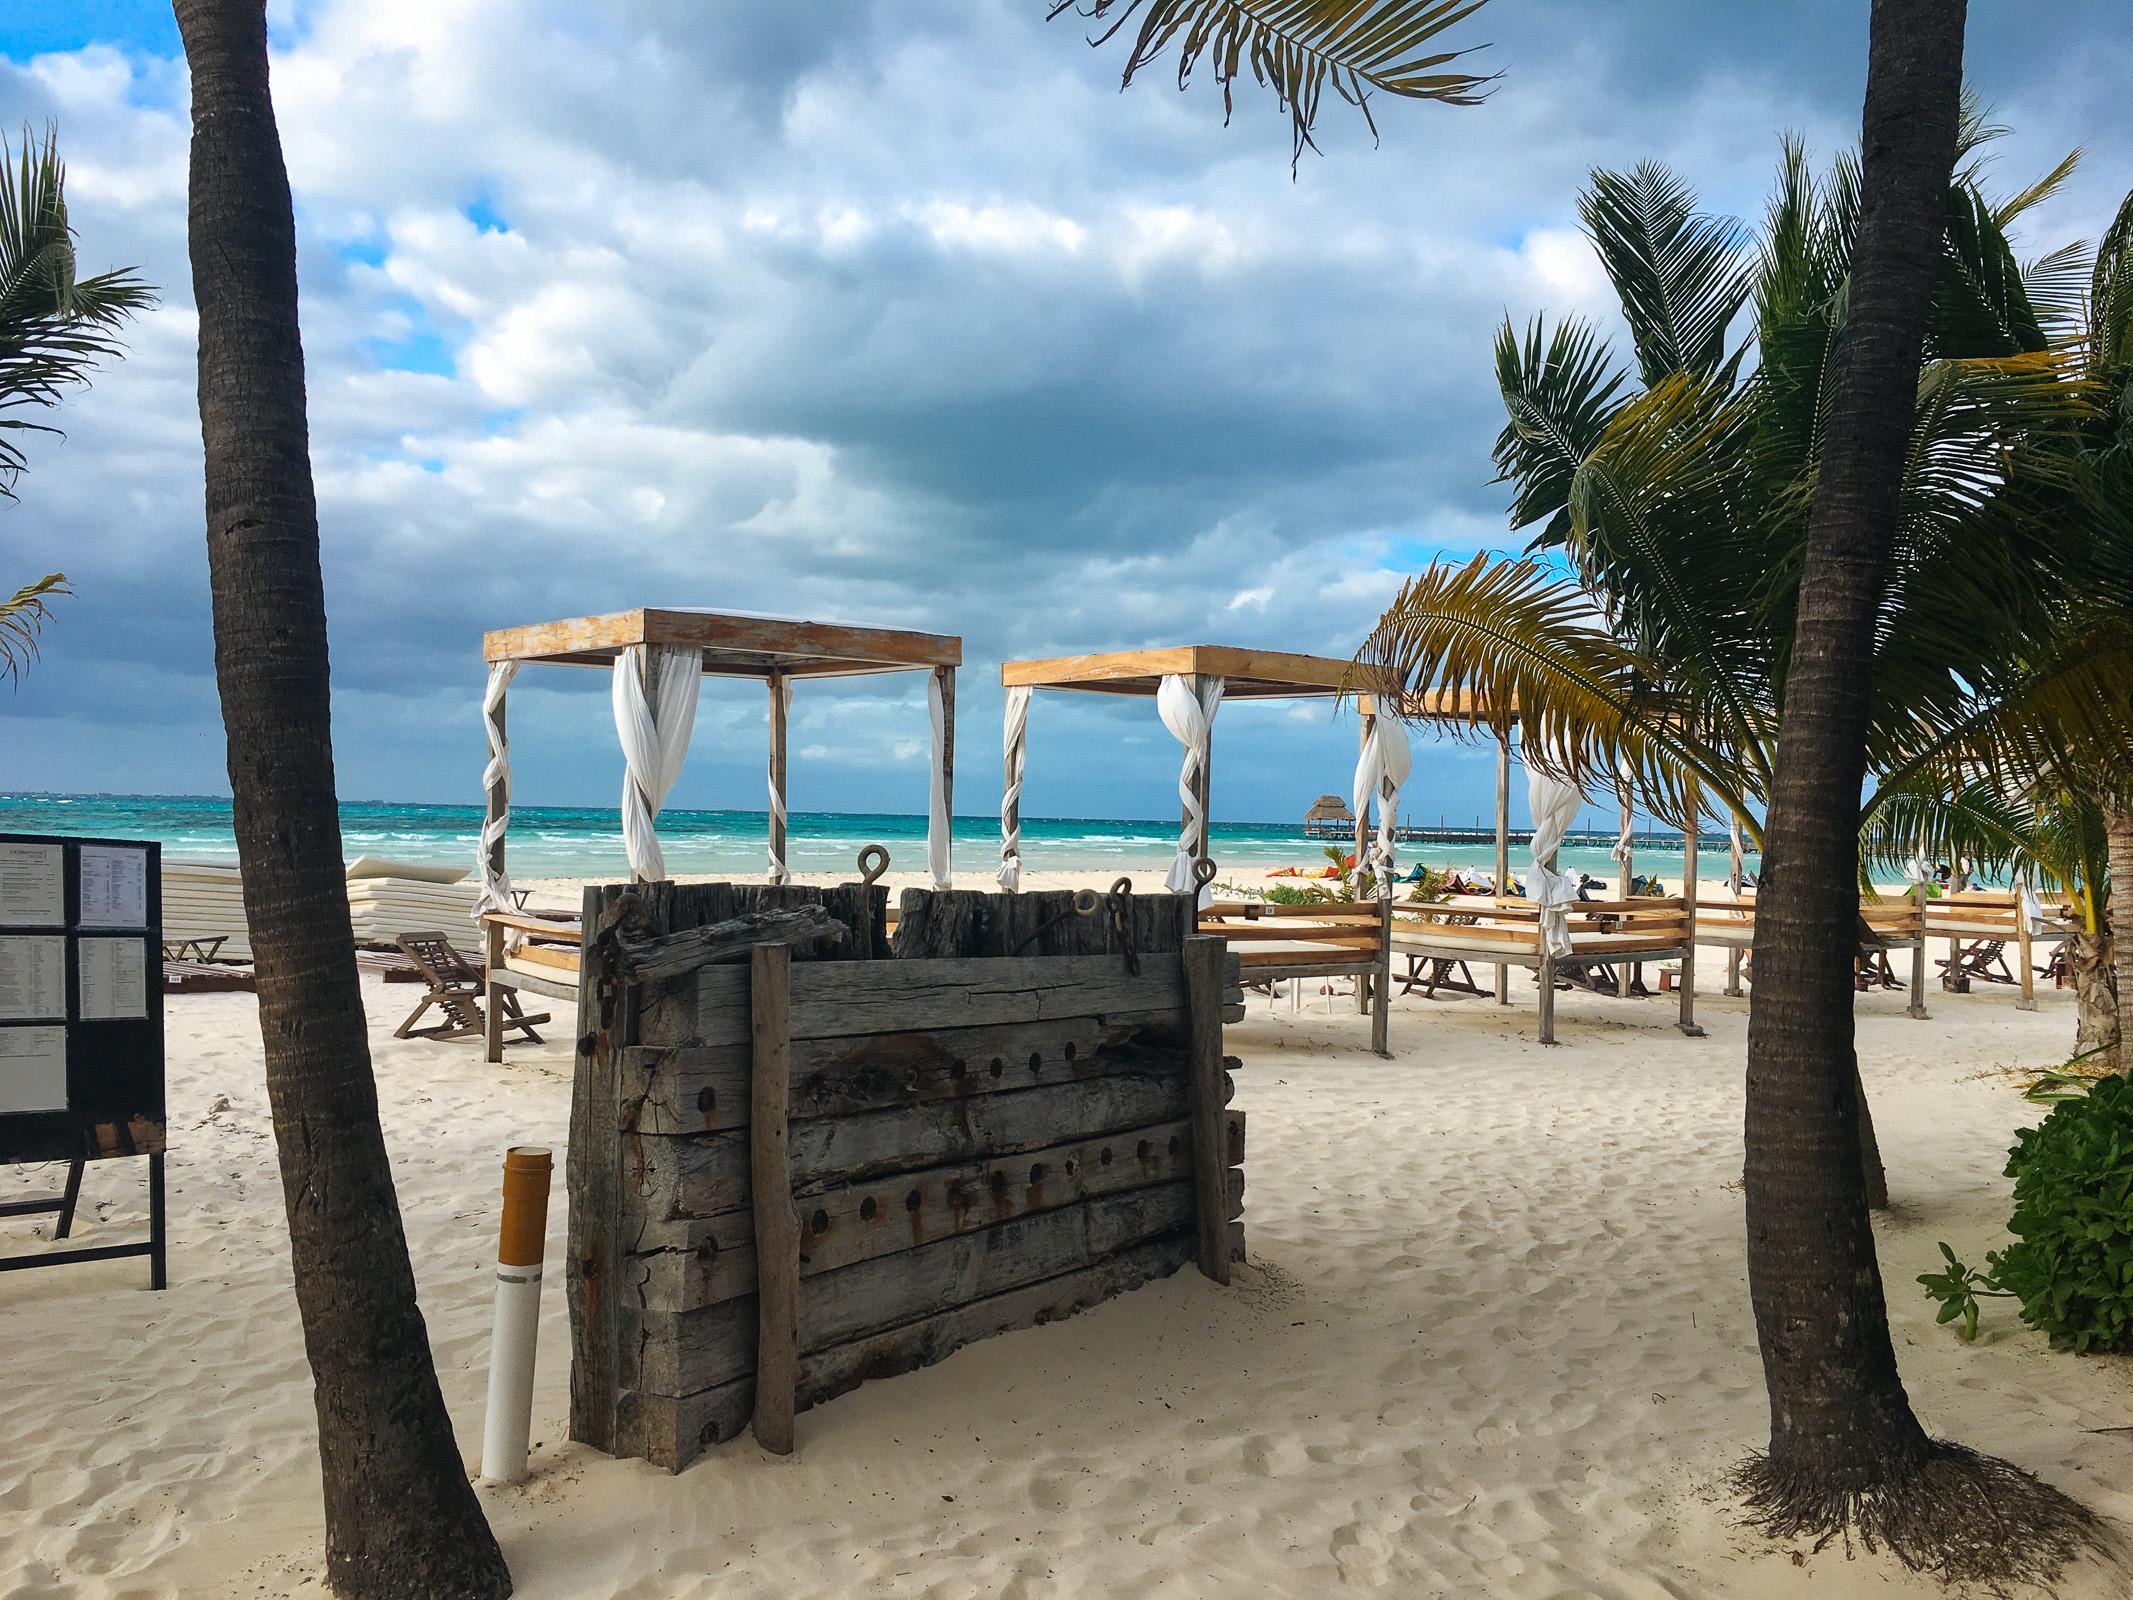 Himmelbetten am Strand bei schlechtem Wetter